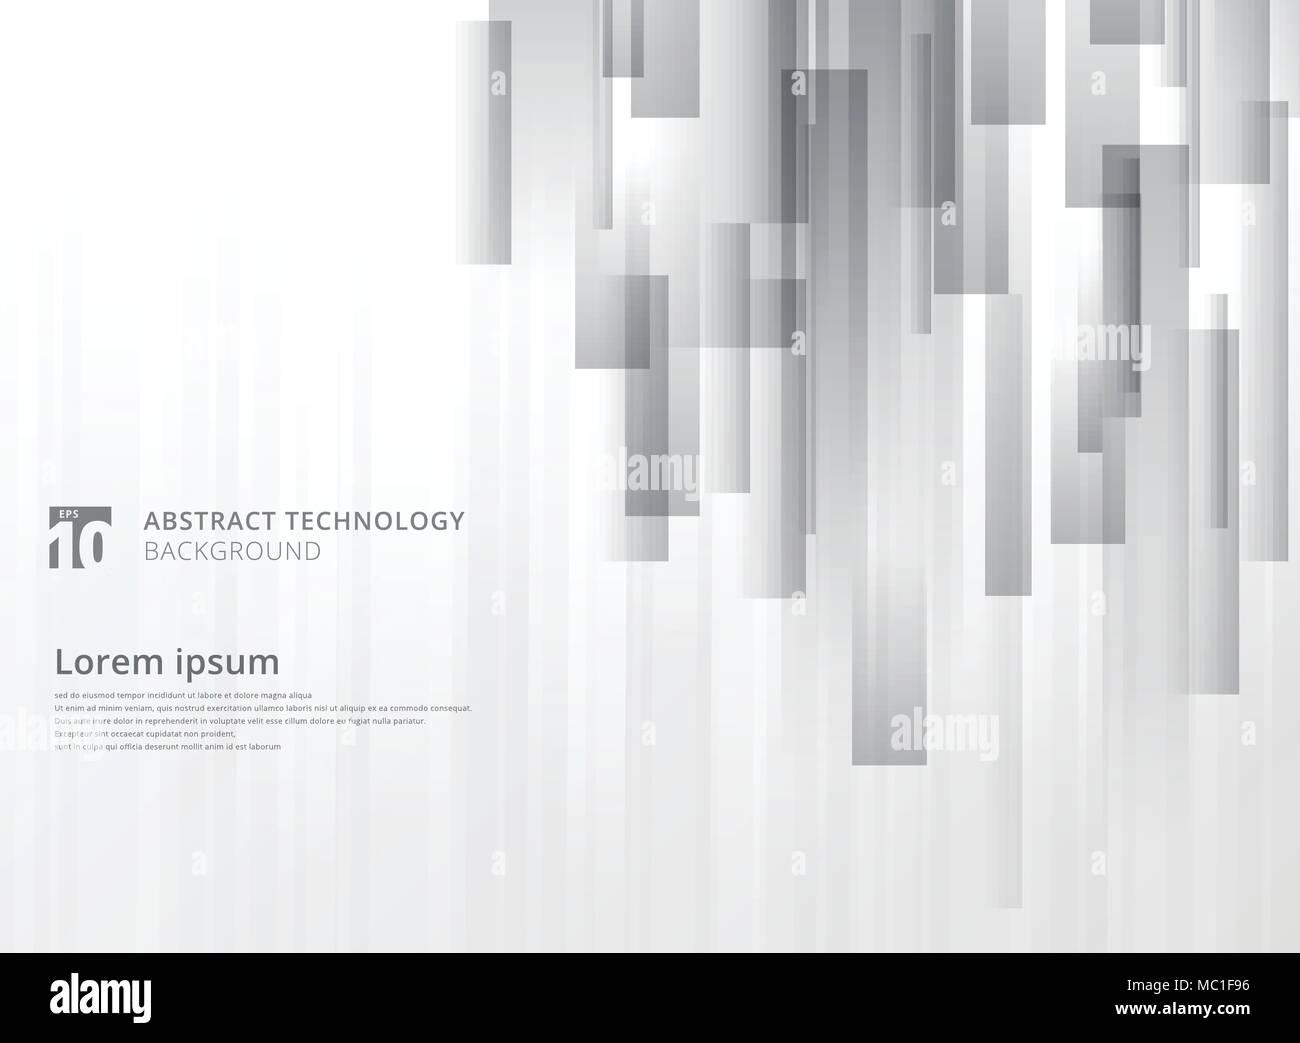 Abstrakte Technologie vertikalen Überschneidung geometrischen Plätzen Form Farbe grau auf weißem Hintergrund mit kopieren. Vektor grafische Darstellung Stockbild